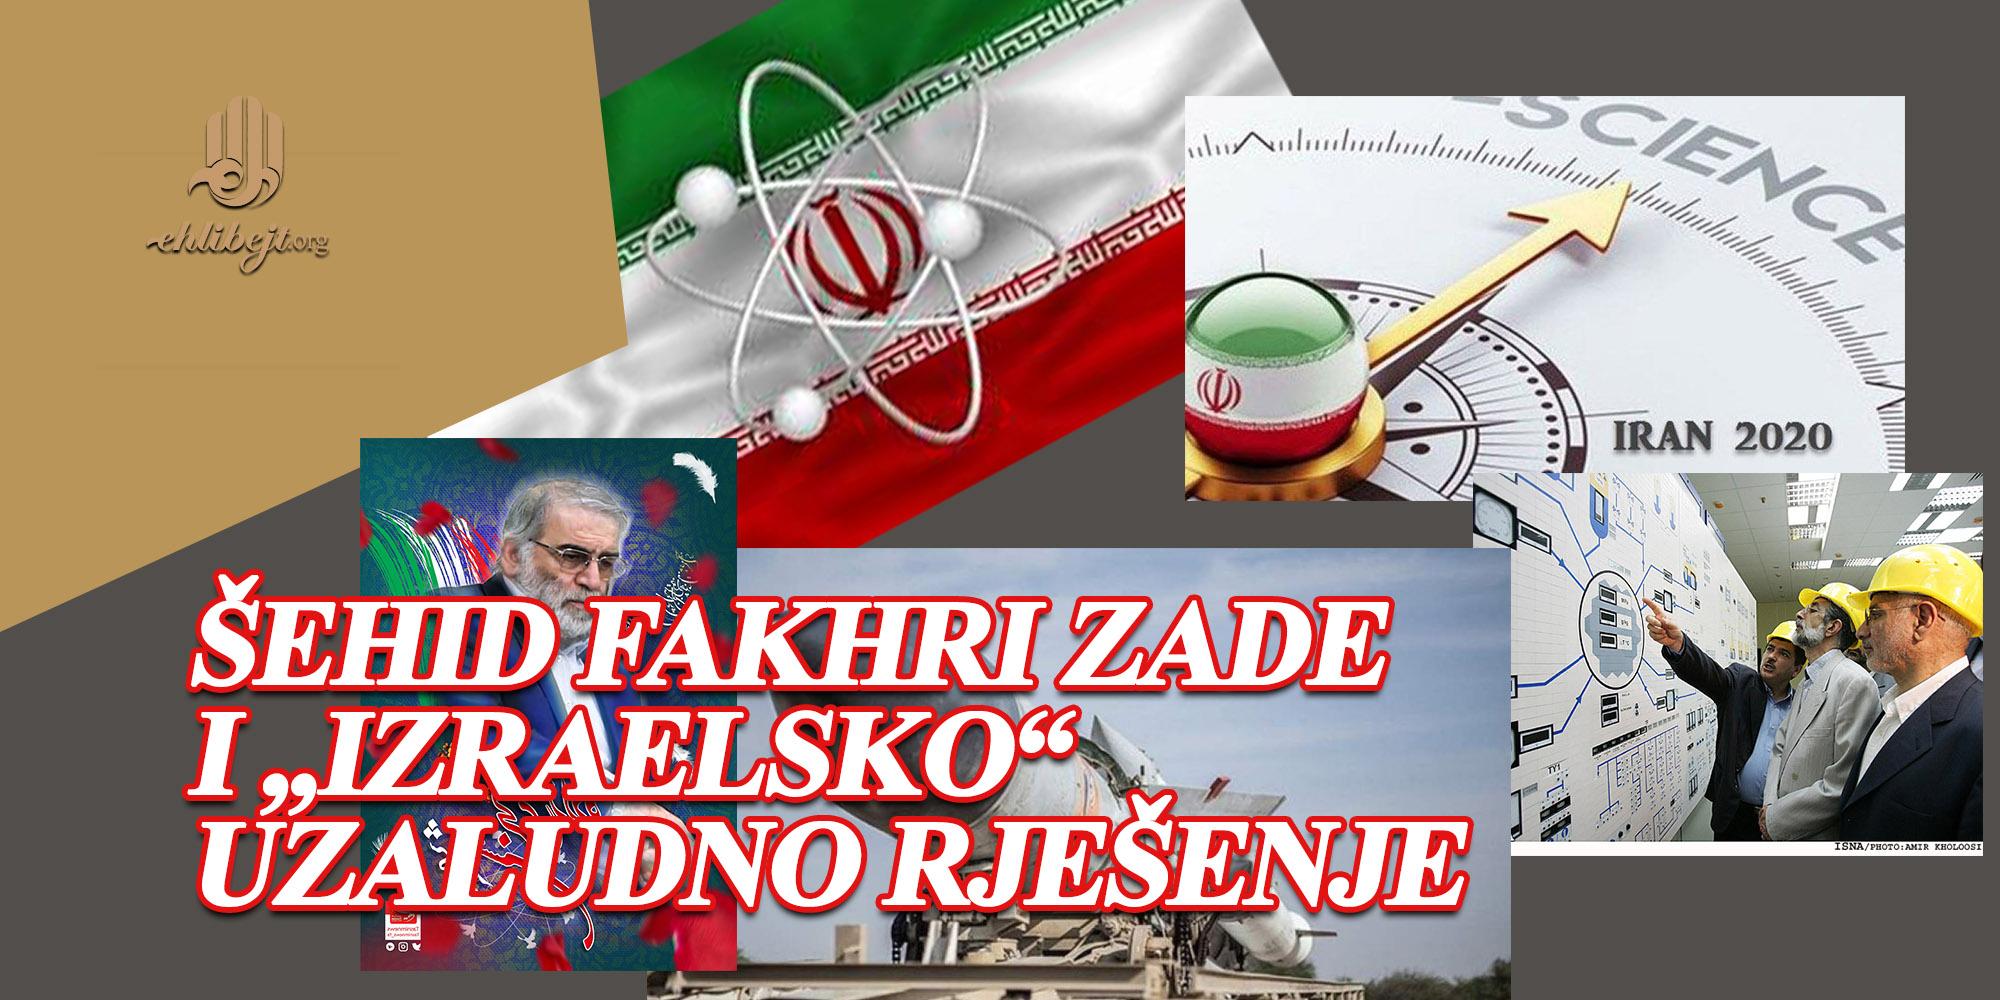 """Šehid Fakhri Zade i """"izraelsko"""" uzaludno rješenje"""